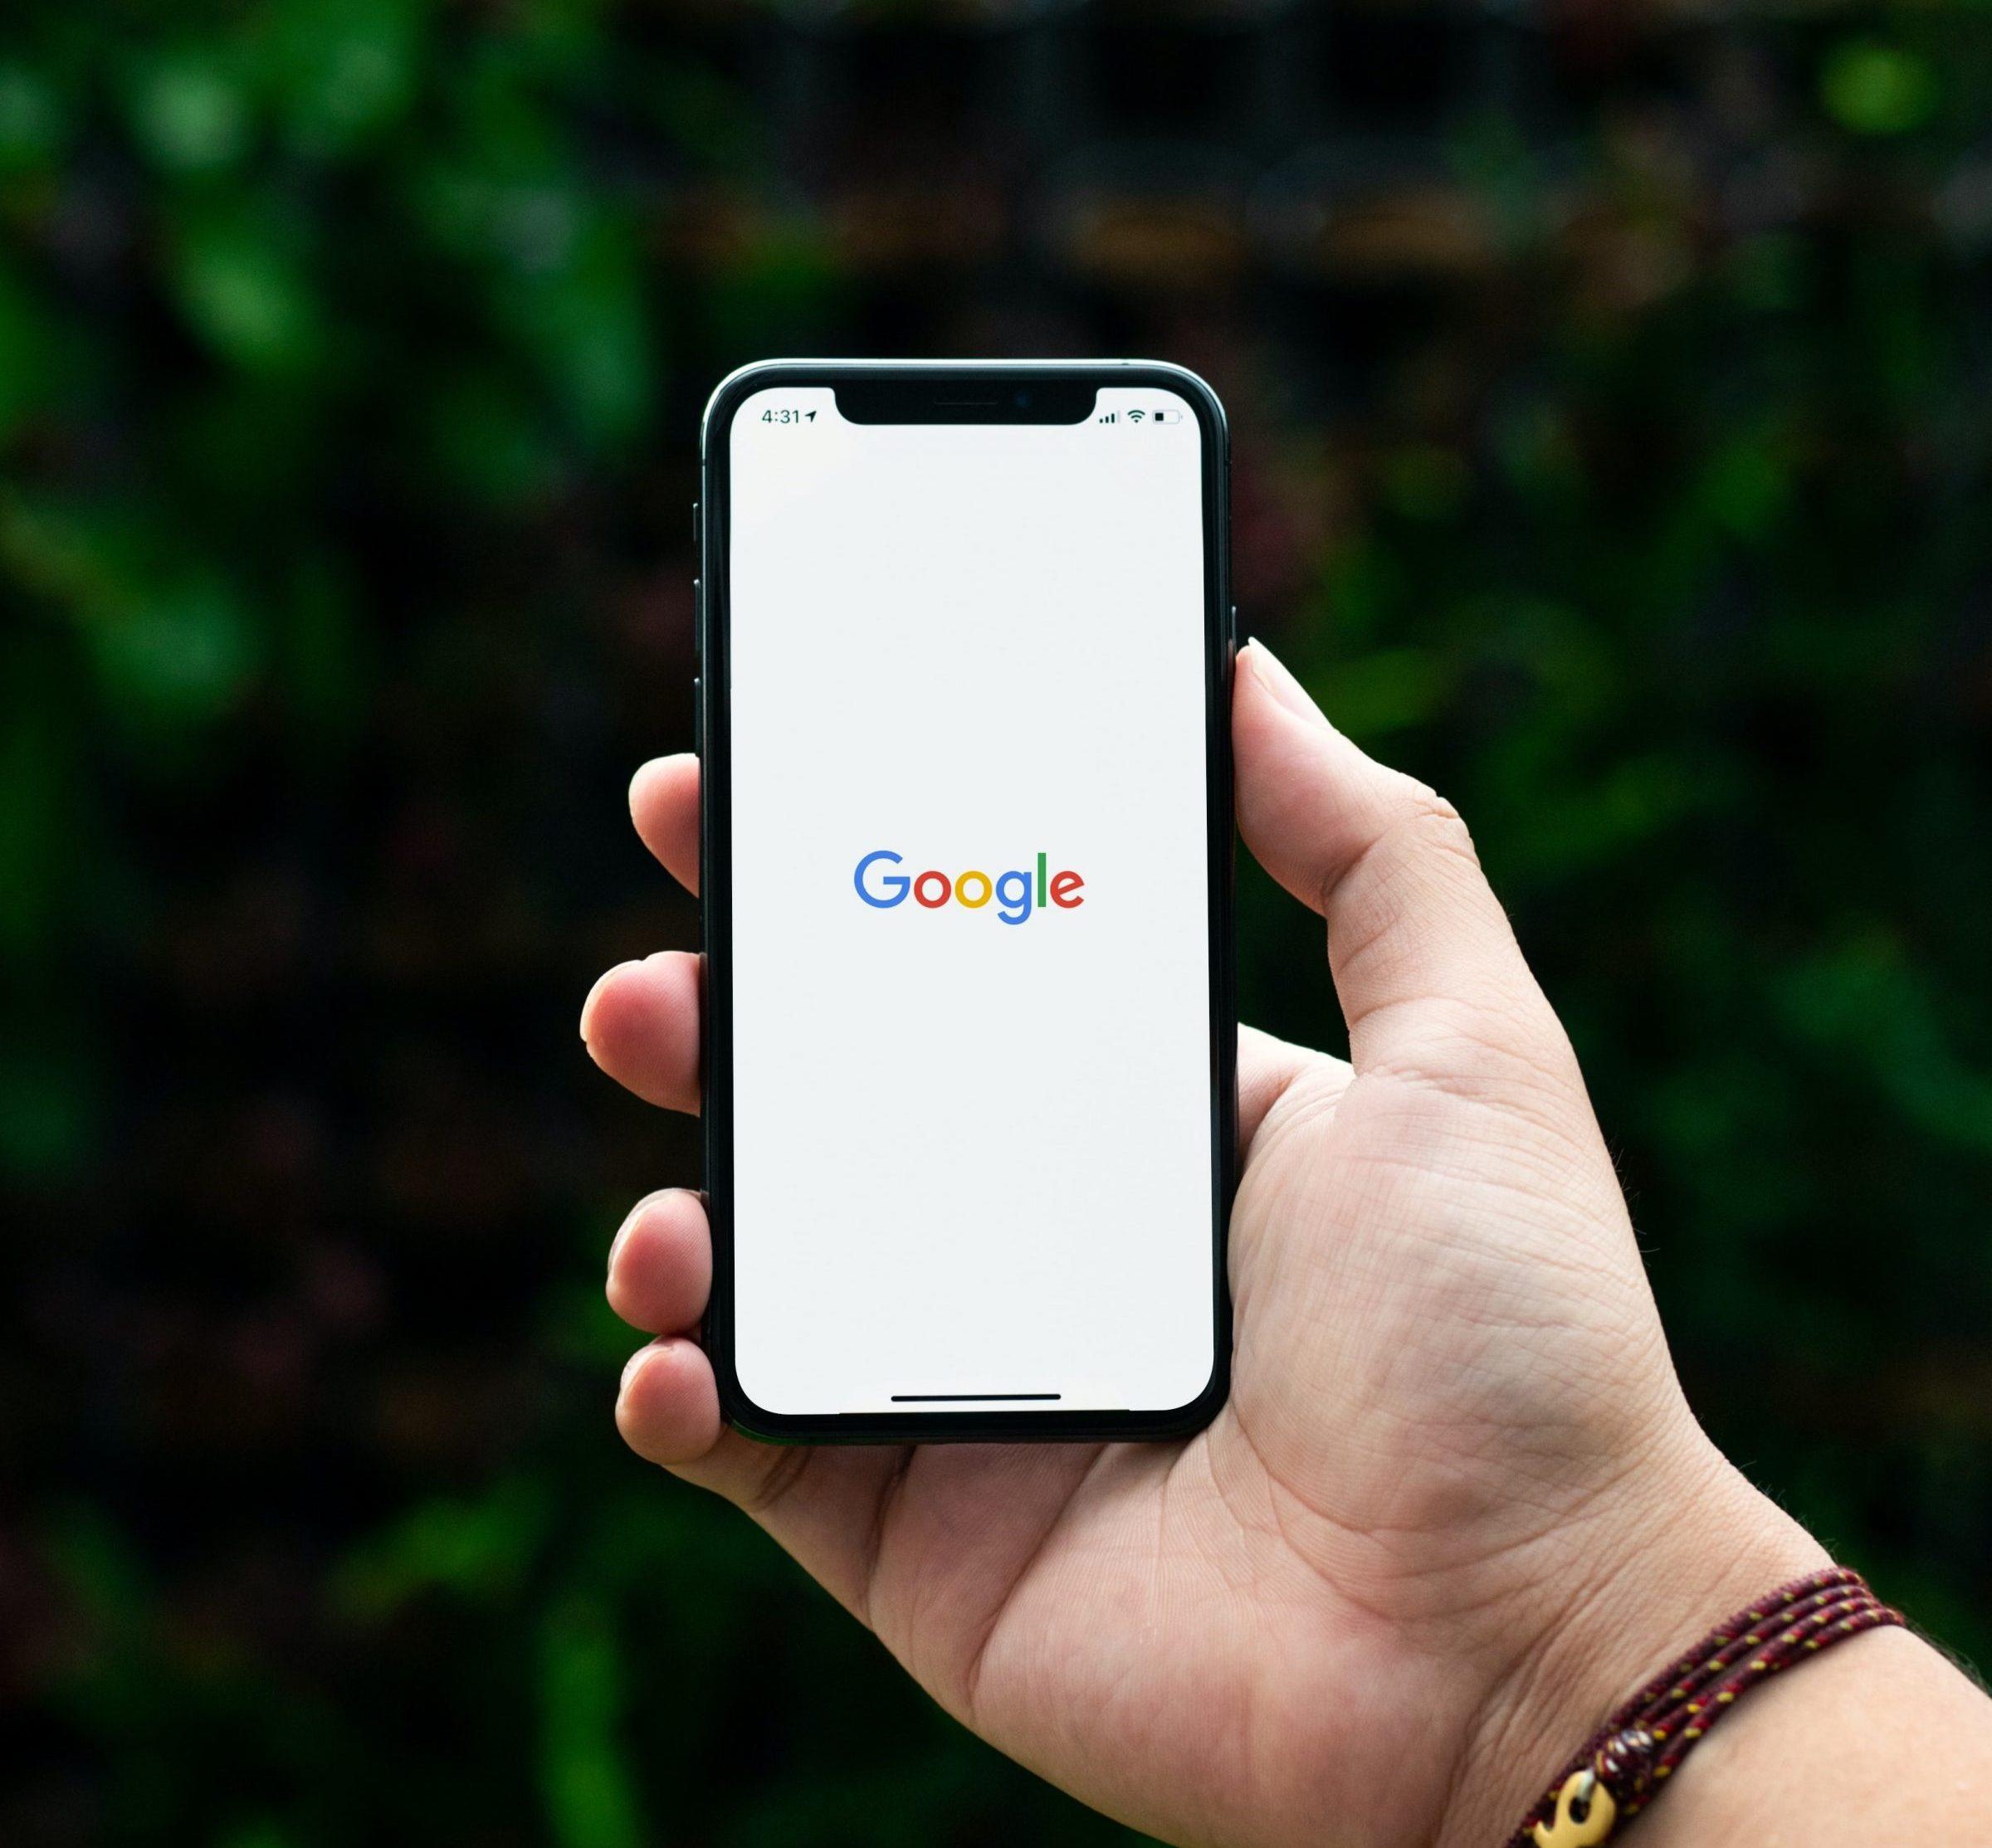 google on iphone optimised